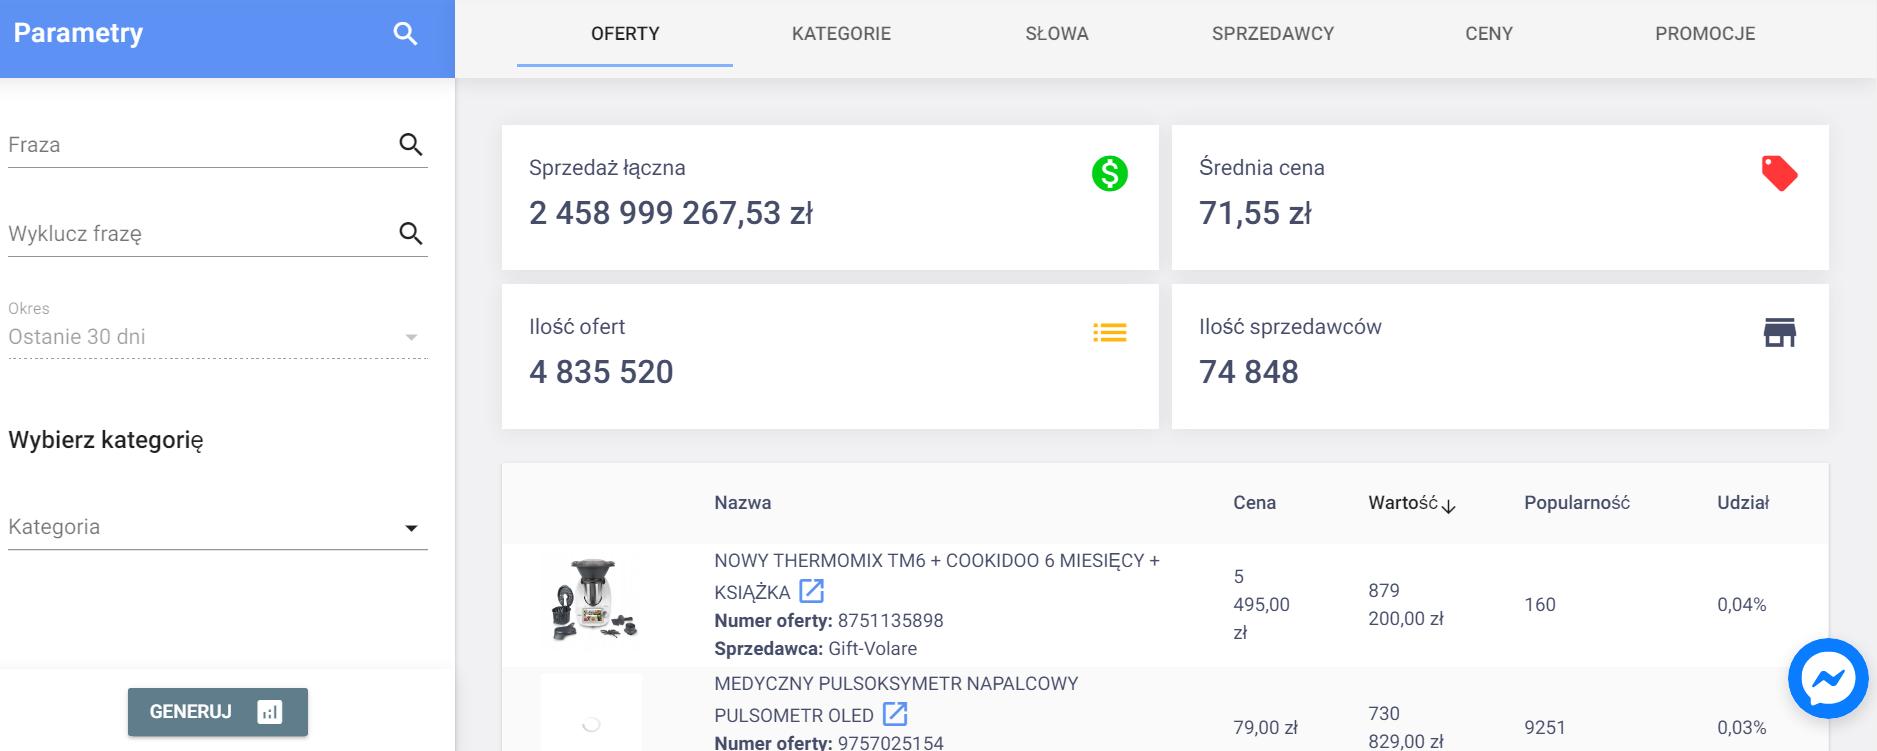 Alternatywa Dla Tradewatch Raporty I Monitoring Ofert Allegro Vsprint Pl